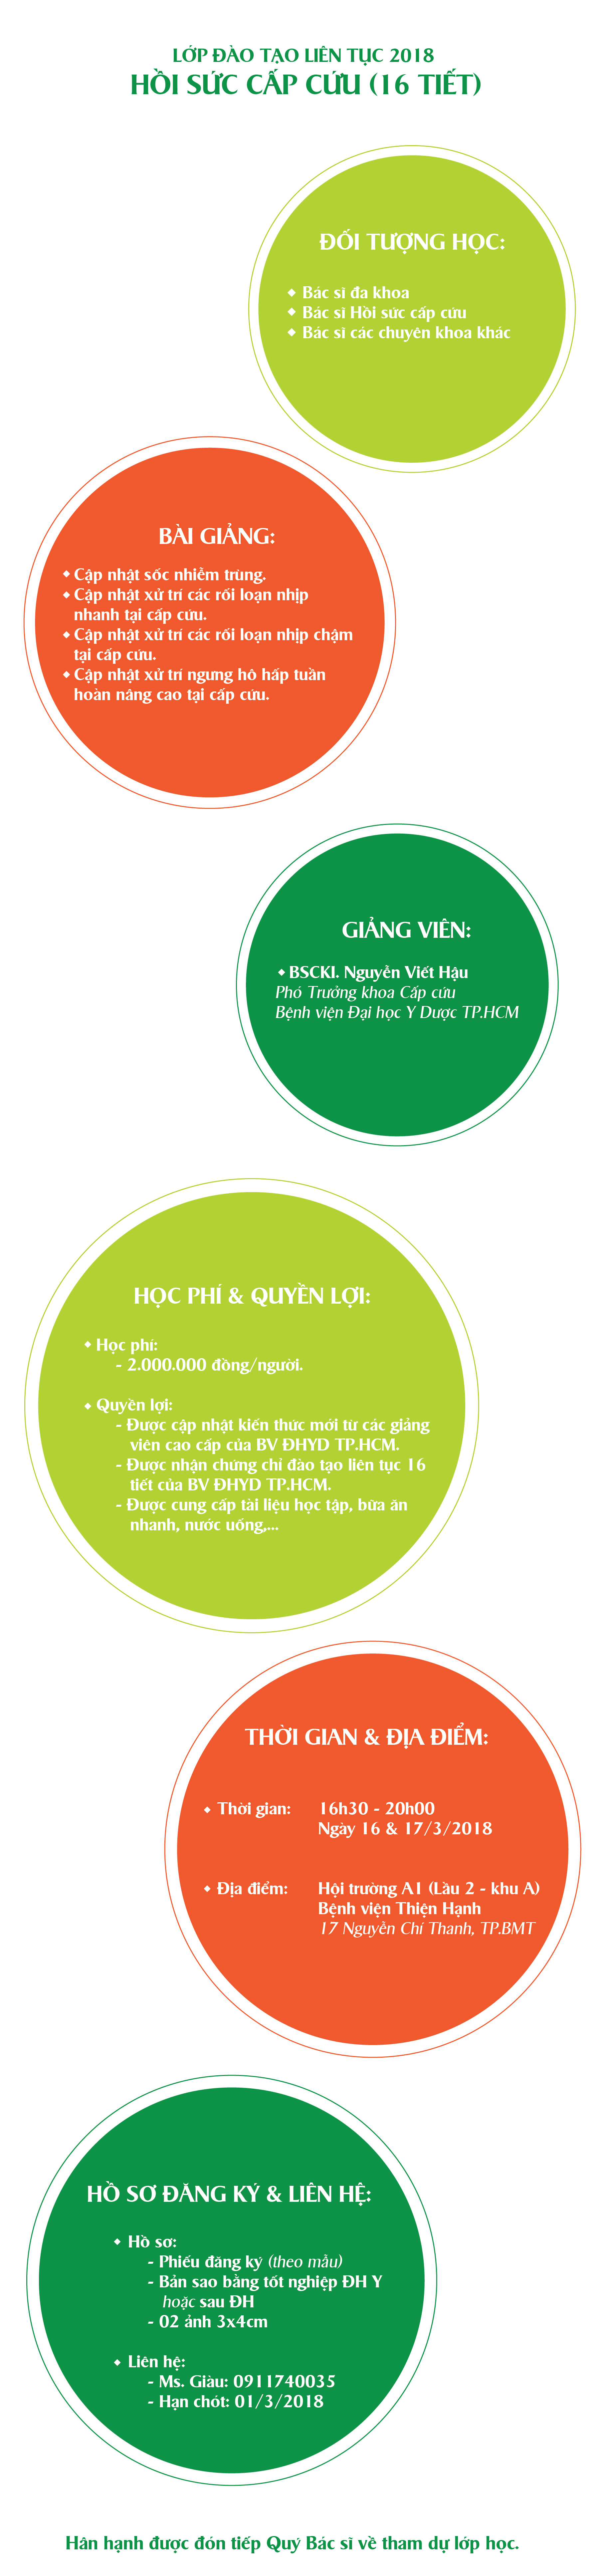 hscc-01